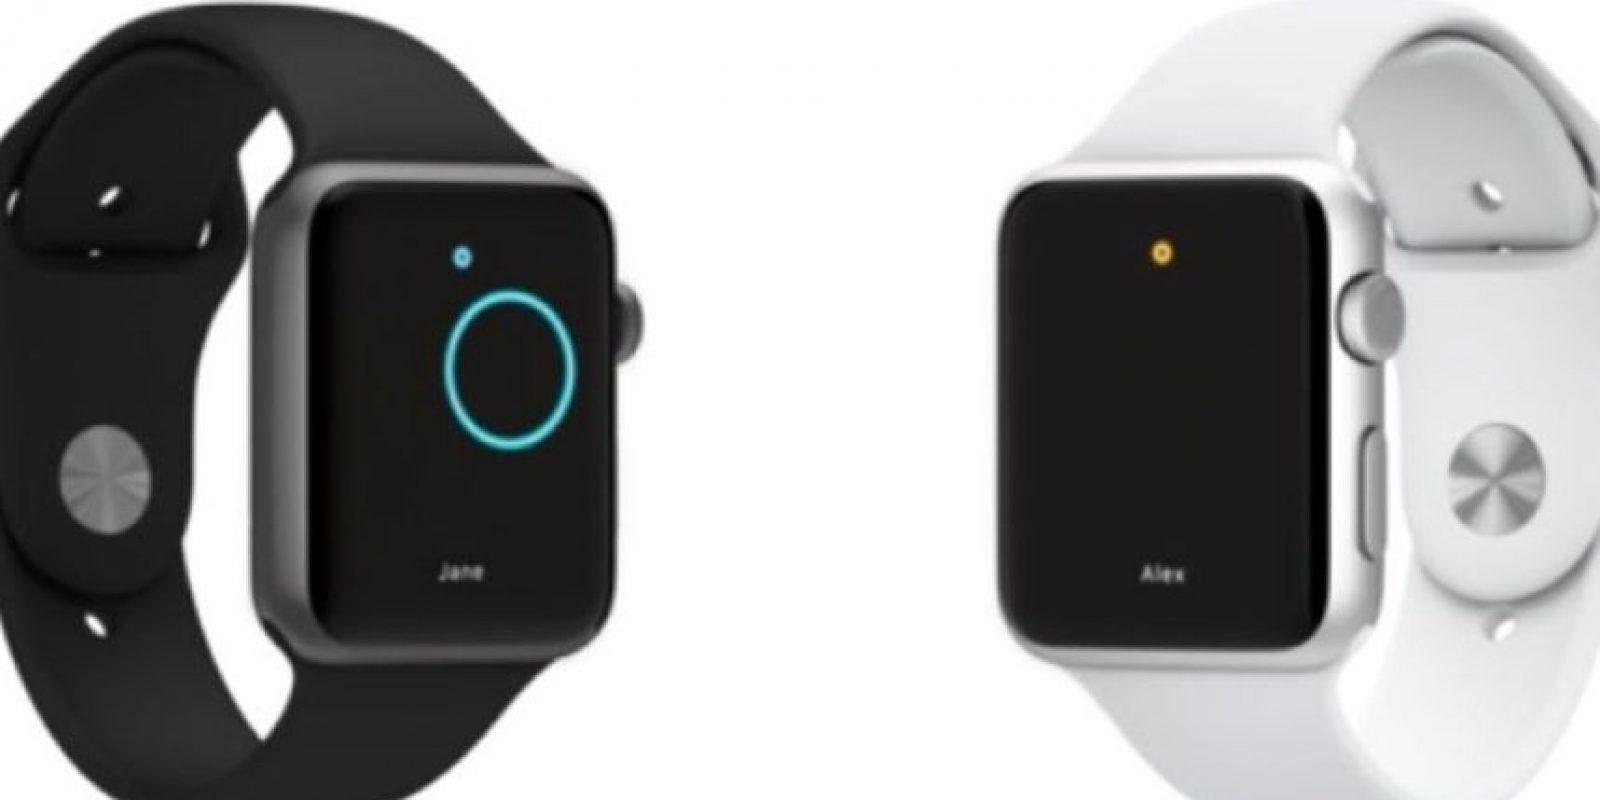 Contará con conectividad Wi-Fi, NFC, Acelerómetro, GPS, Sensor de frecuencia cardiaca y Bluetooth 4.0. Foto:Apple